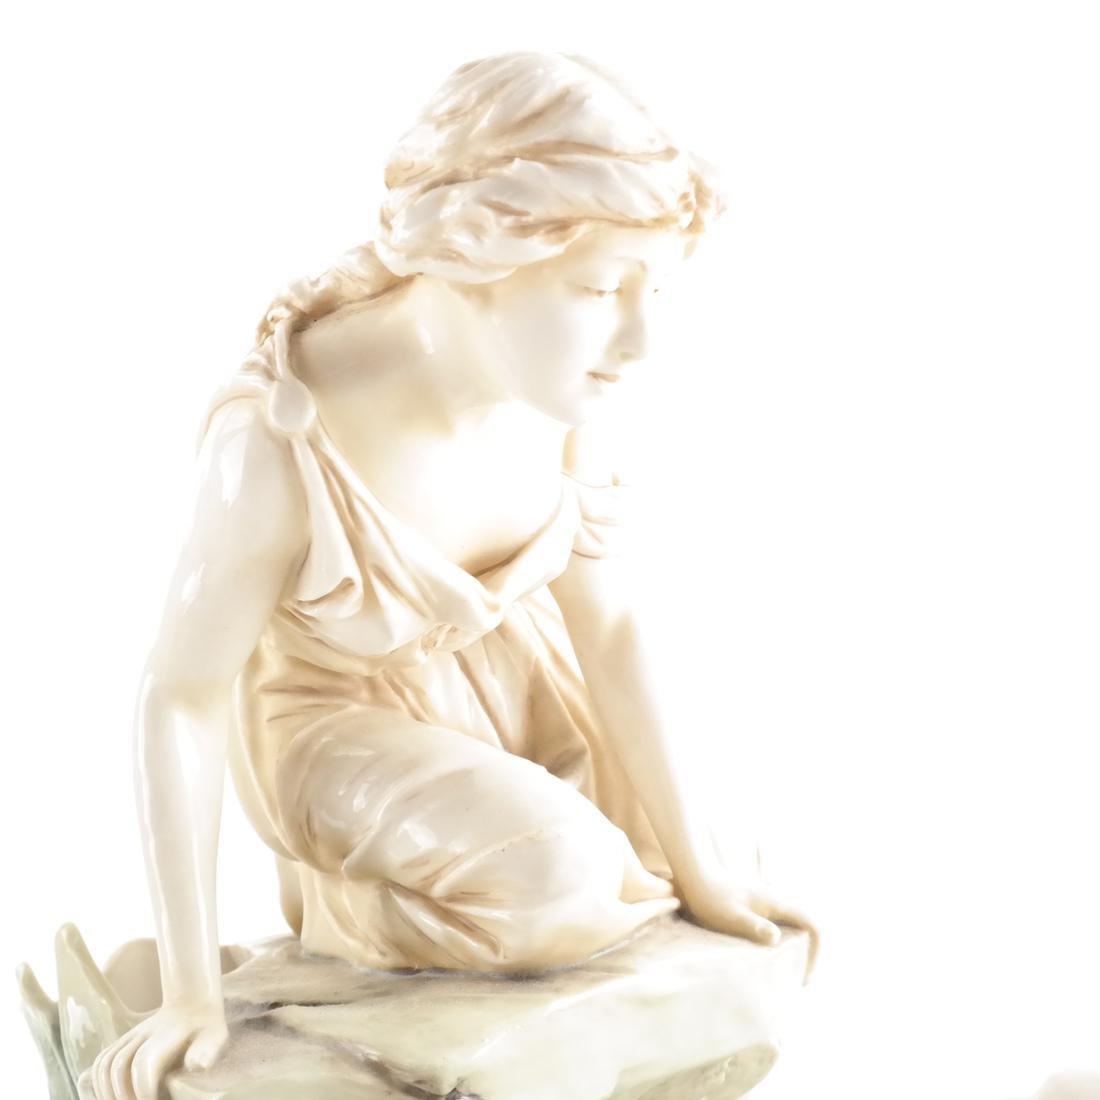 Two Royal Dux Ceramic Sculptures - 7